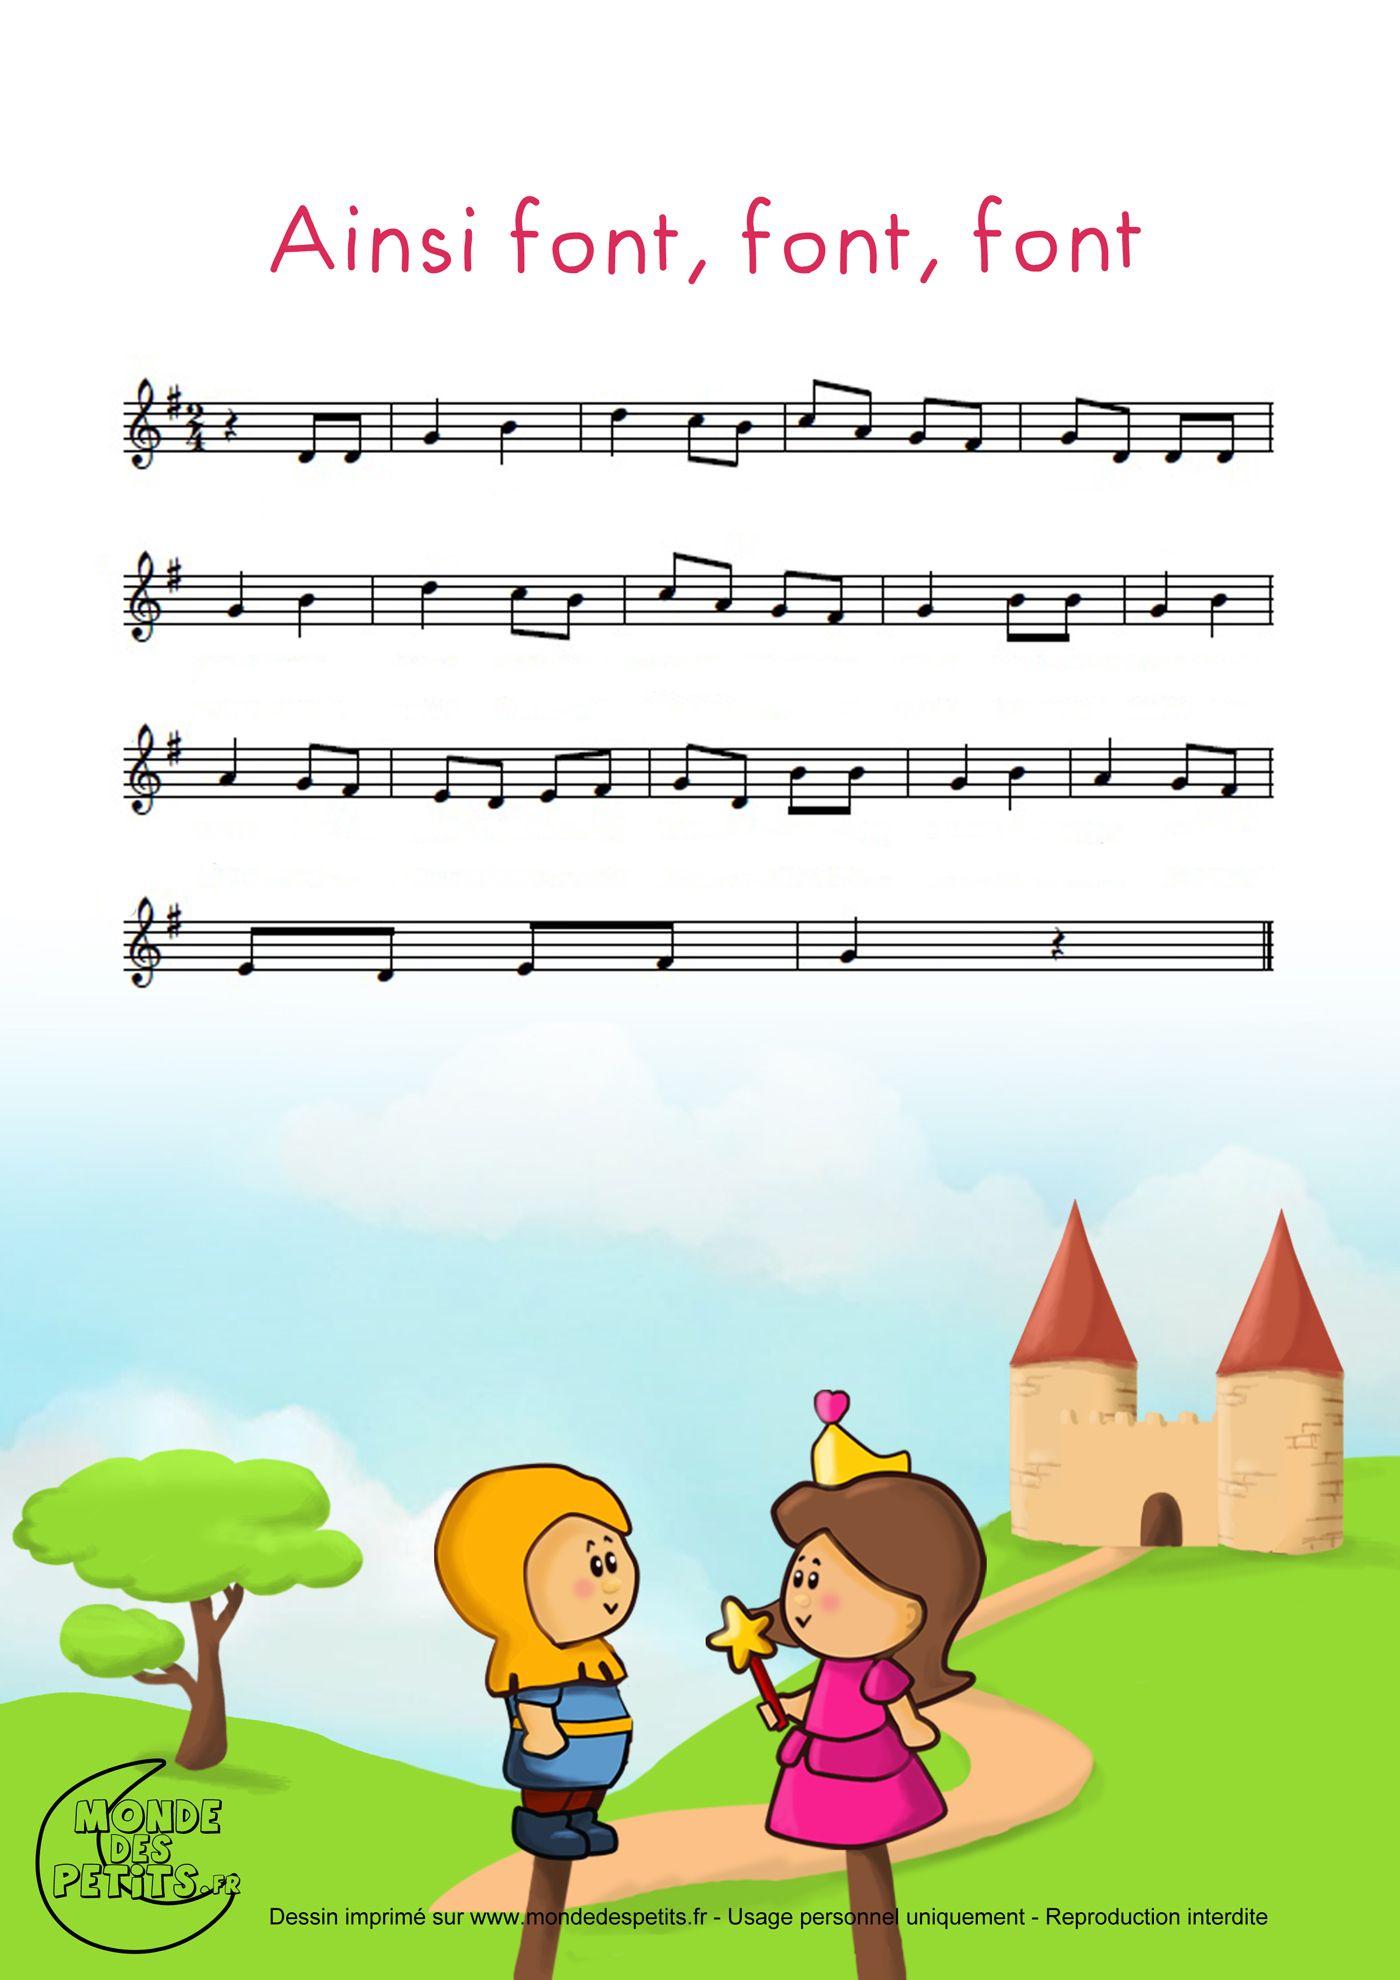 Partition_Ainsi Font, Font, Font, Les Petites Marionnettes intérieur Les Petites Marionnettes Chanson